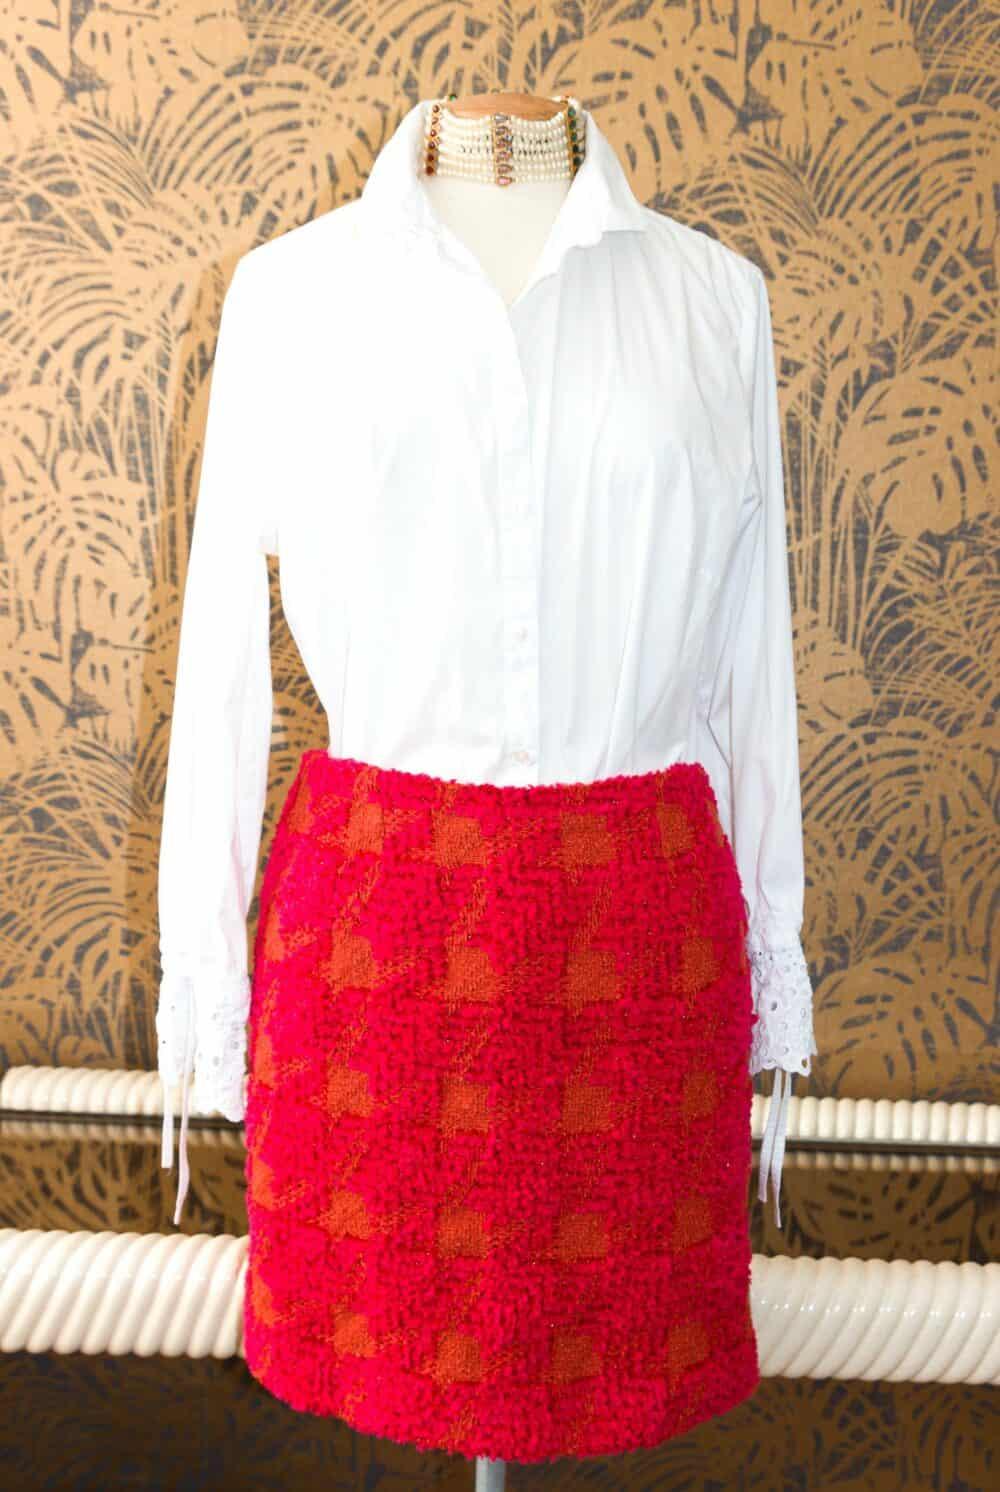 Chanel Gorgeous Tweed Fushia/orange Vintage Skirt 1994